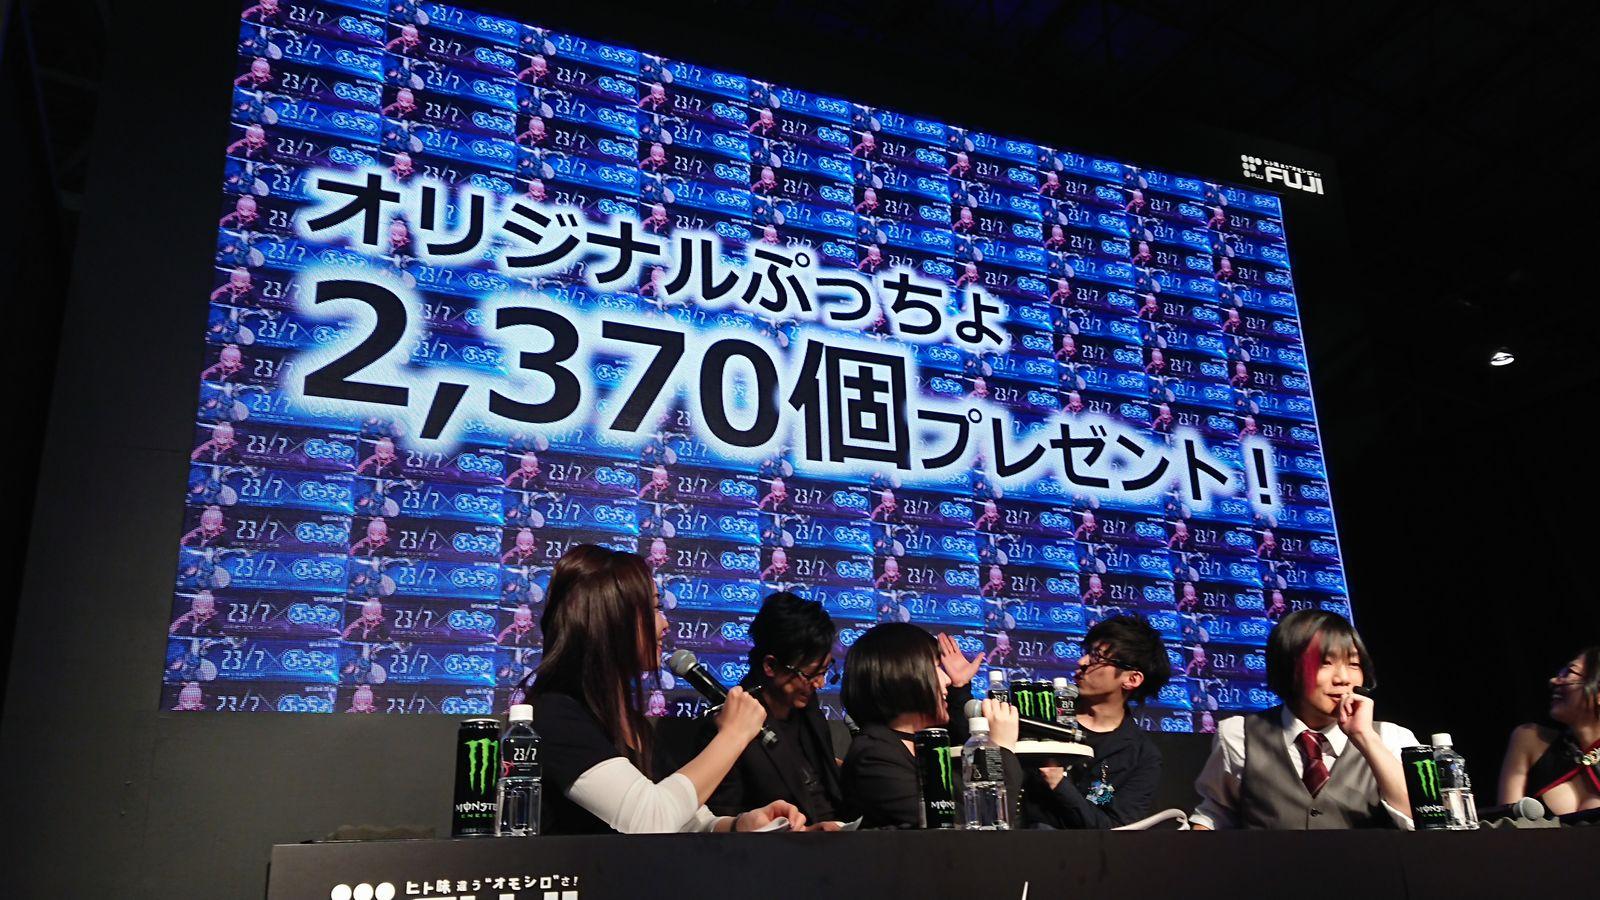 【闘会議2018】『23/7 トゥエンティ スリー セブン』ゲーム紹介ステージでは開発チームがガチ勝負!